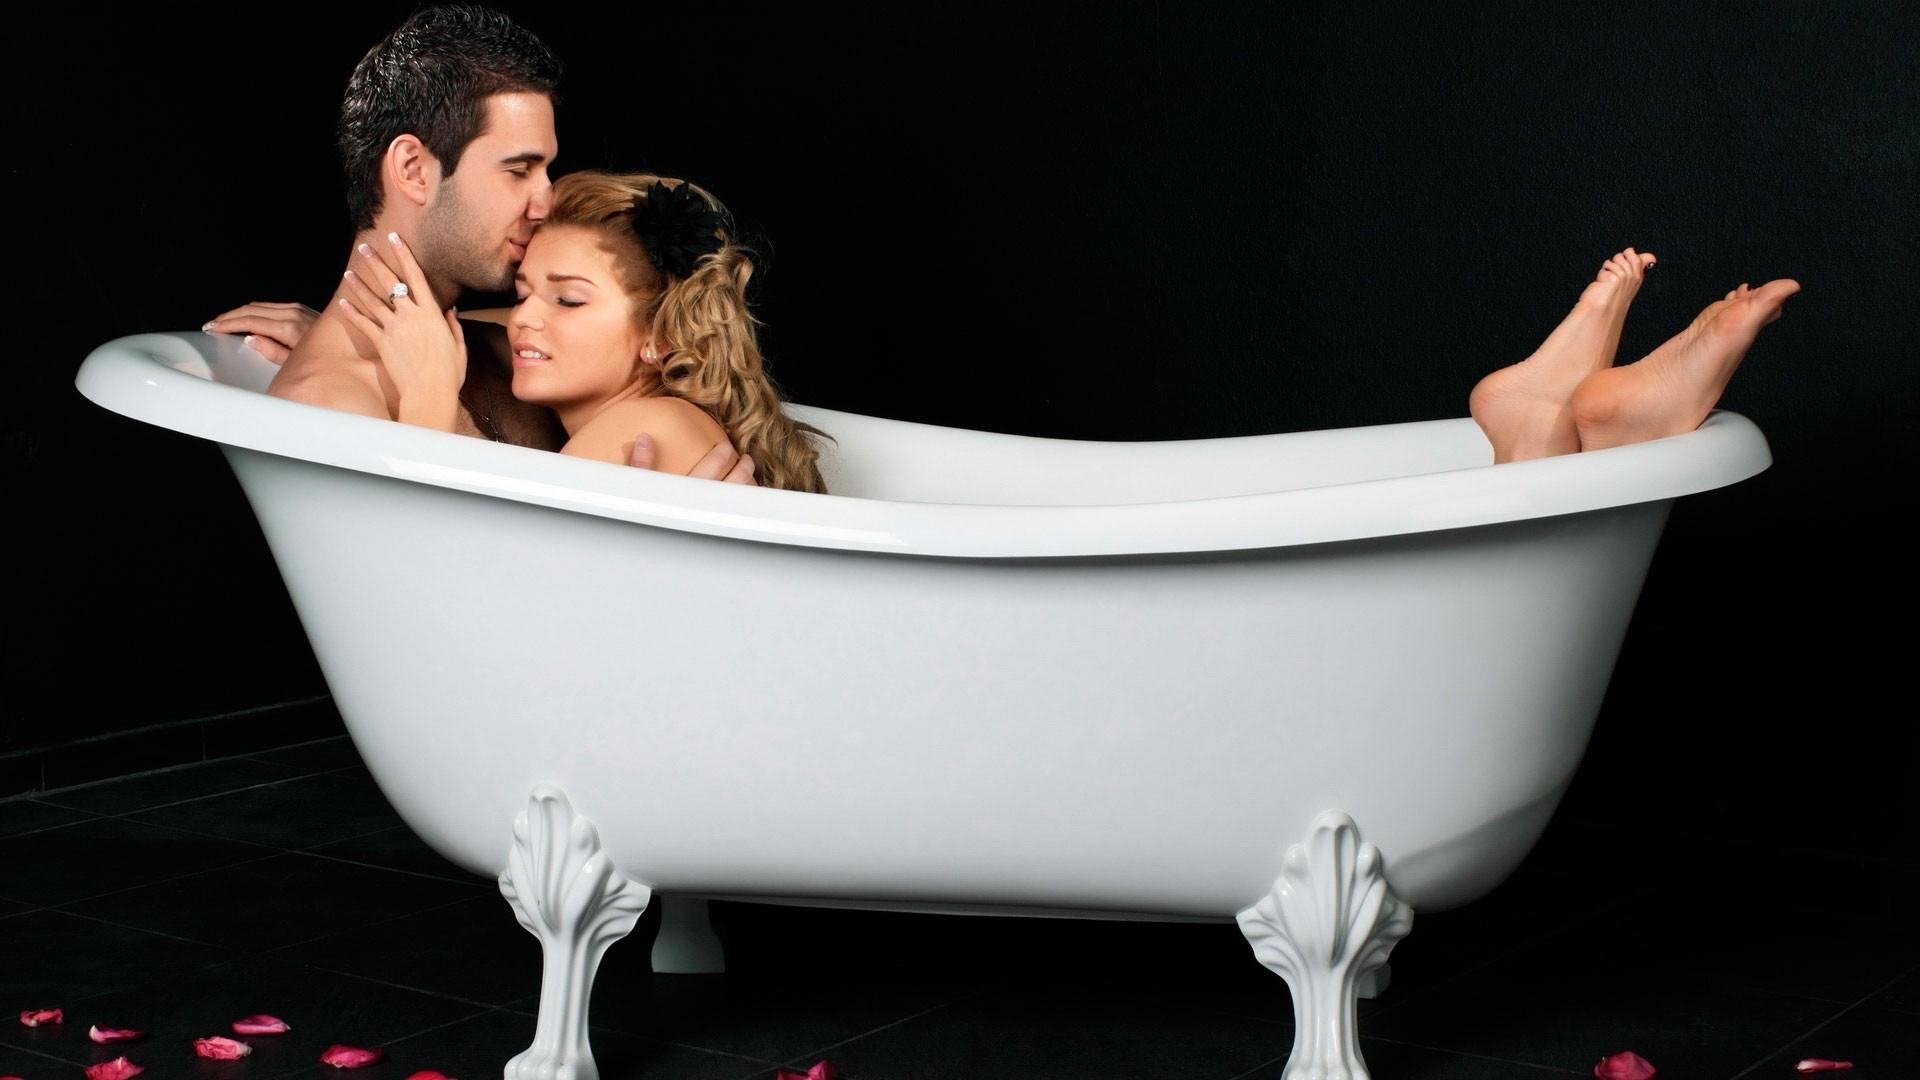 женщина в ванной картинки кажется